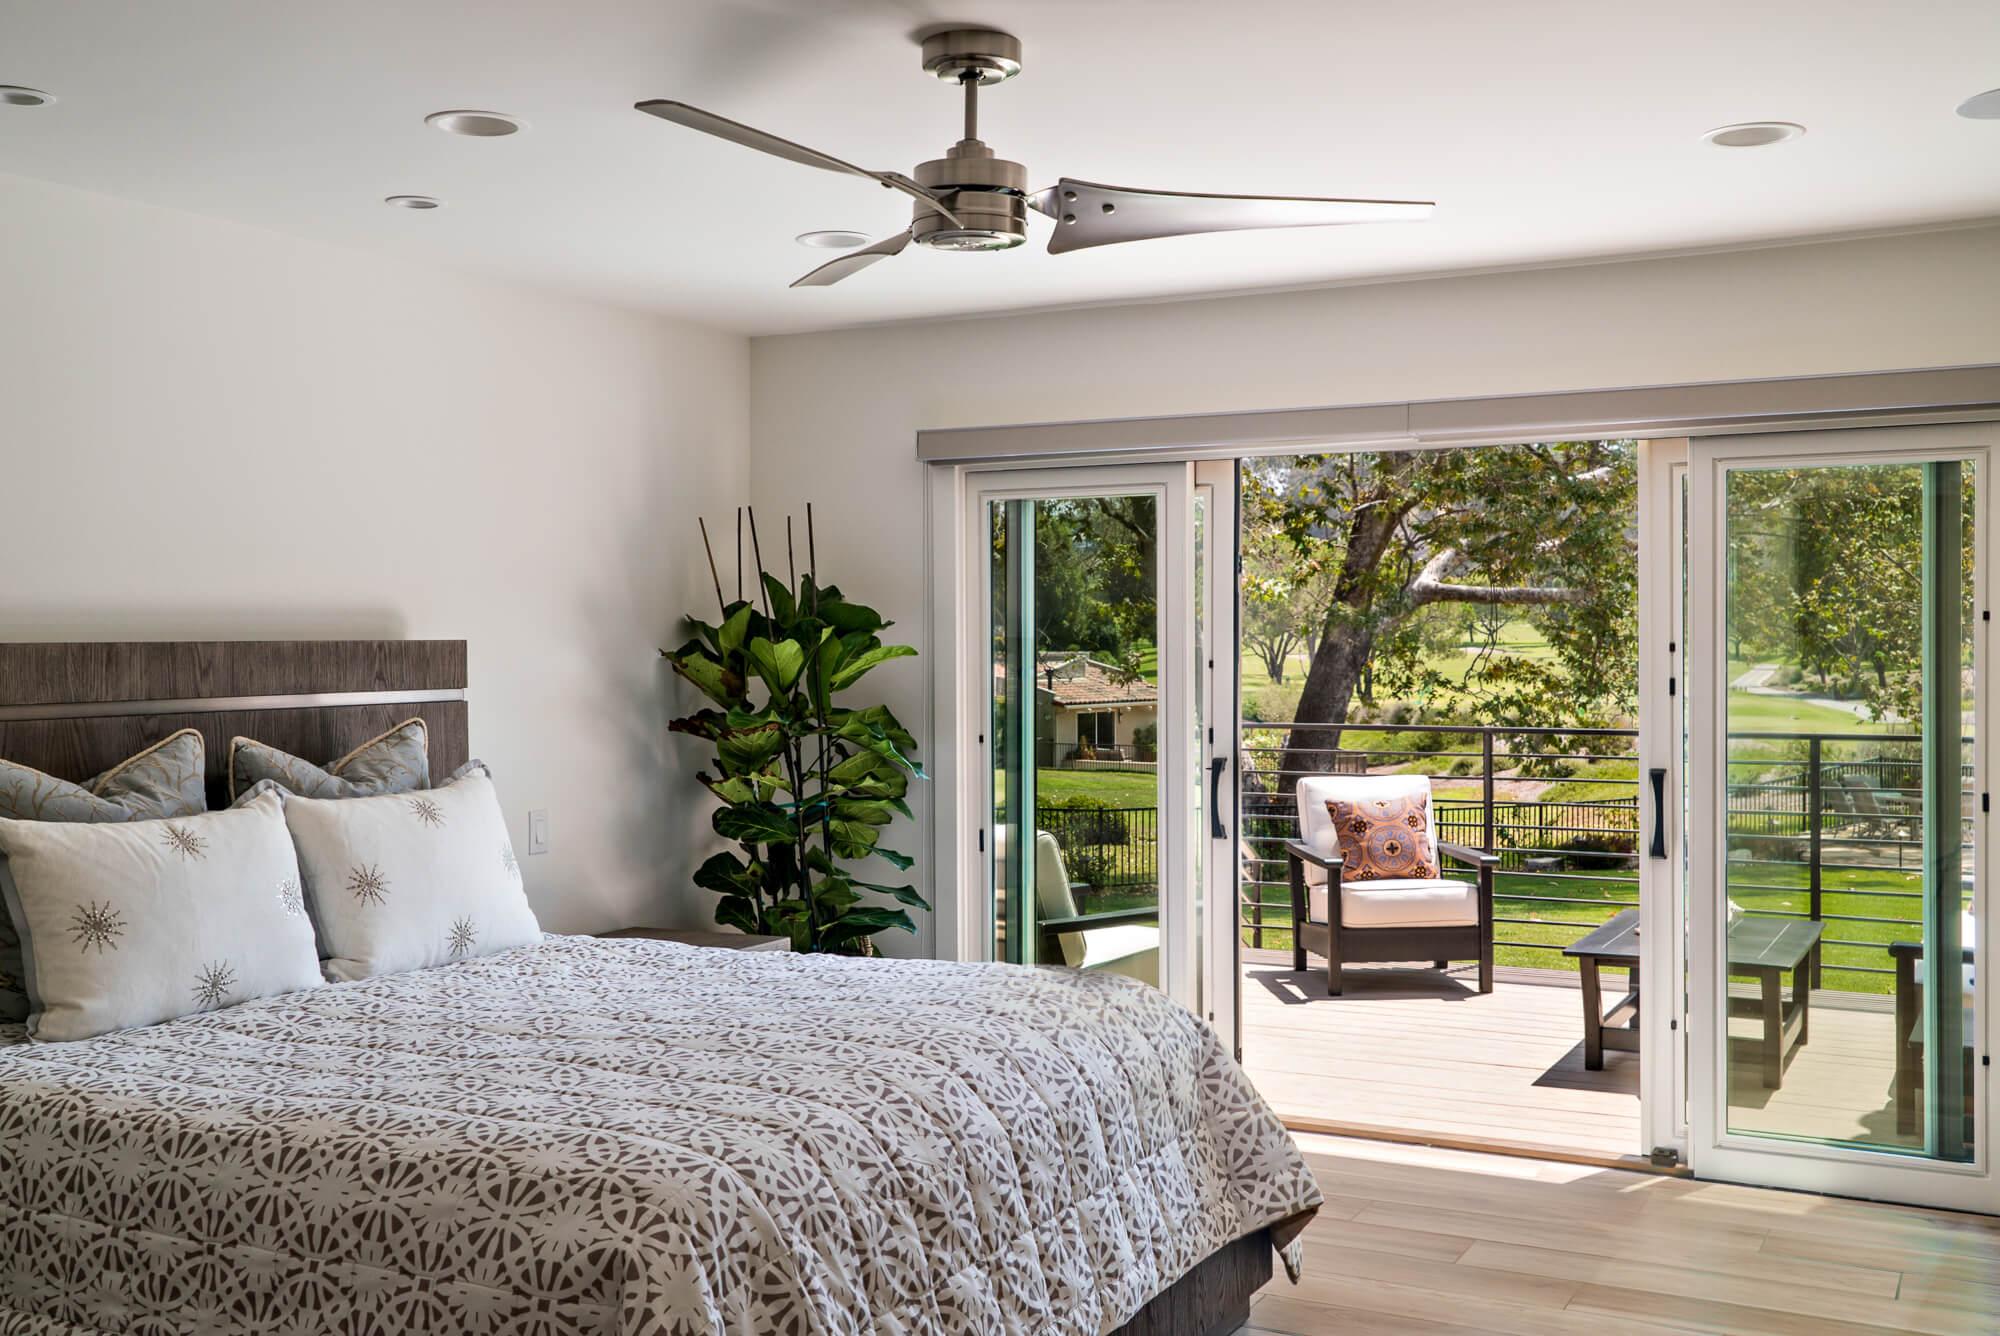 Bedroom with sliding patio door